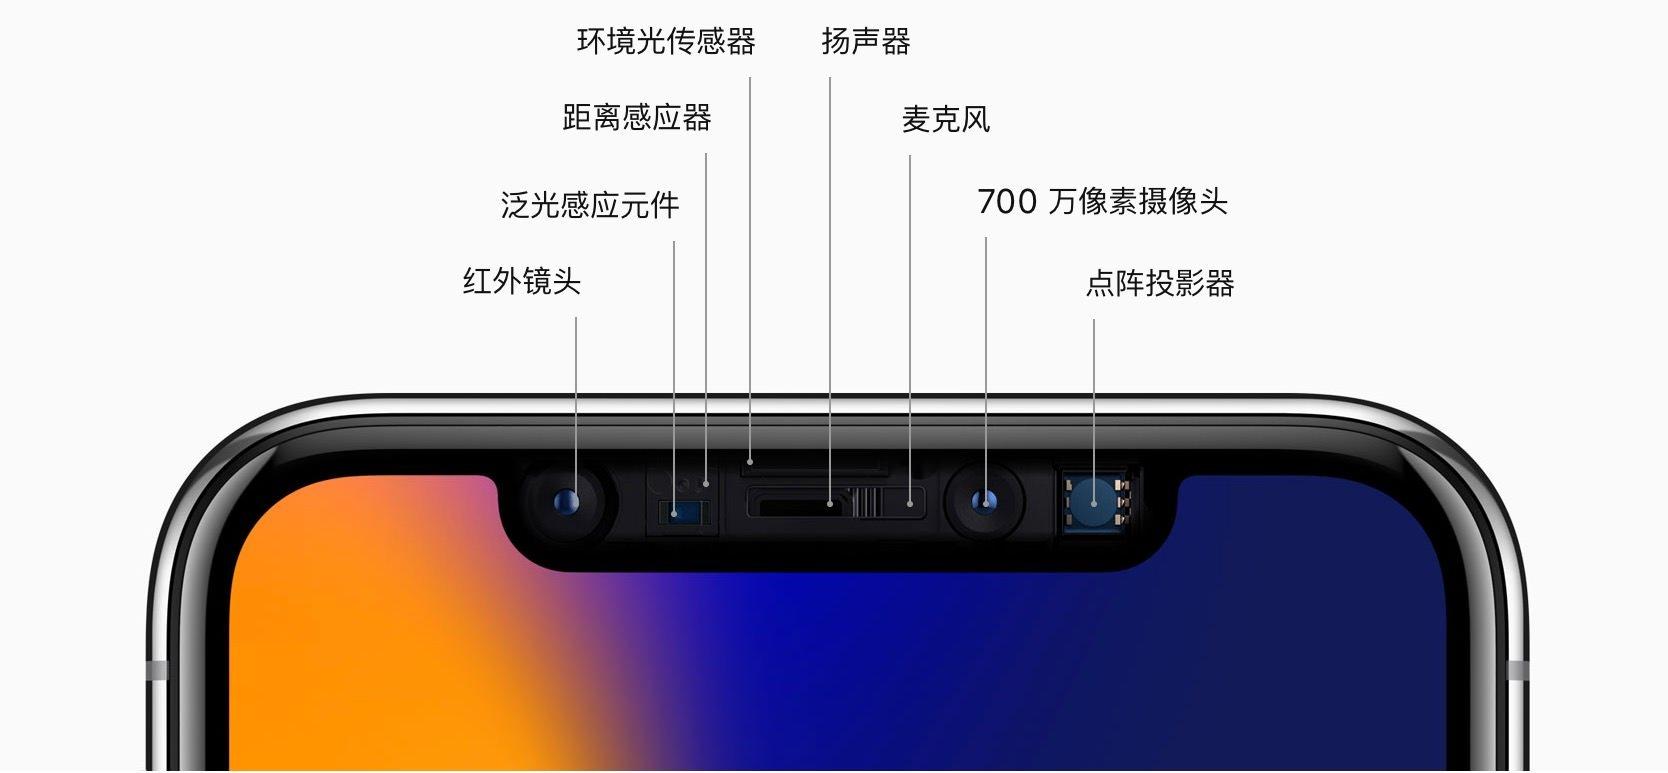 iPhone X 8388 元起卖,买得起你还不一定买得到